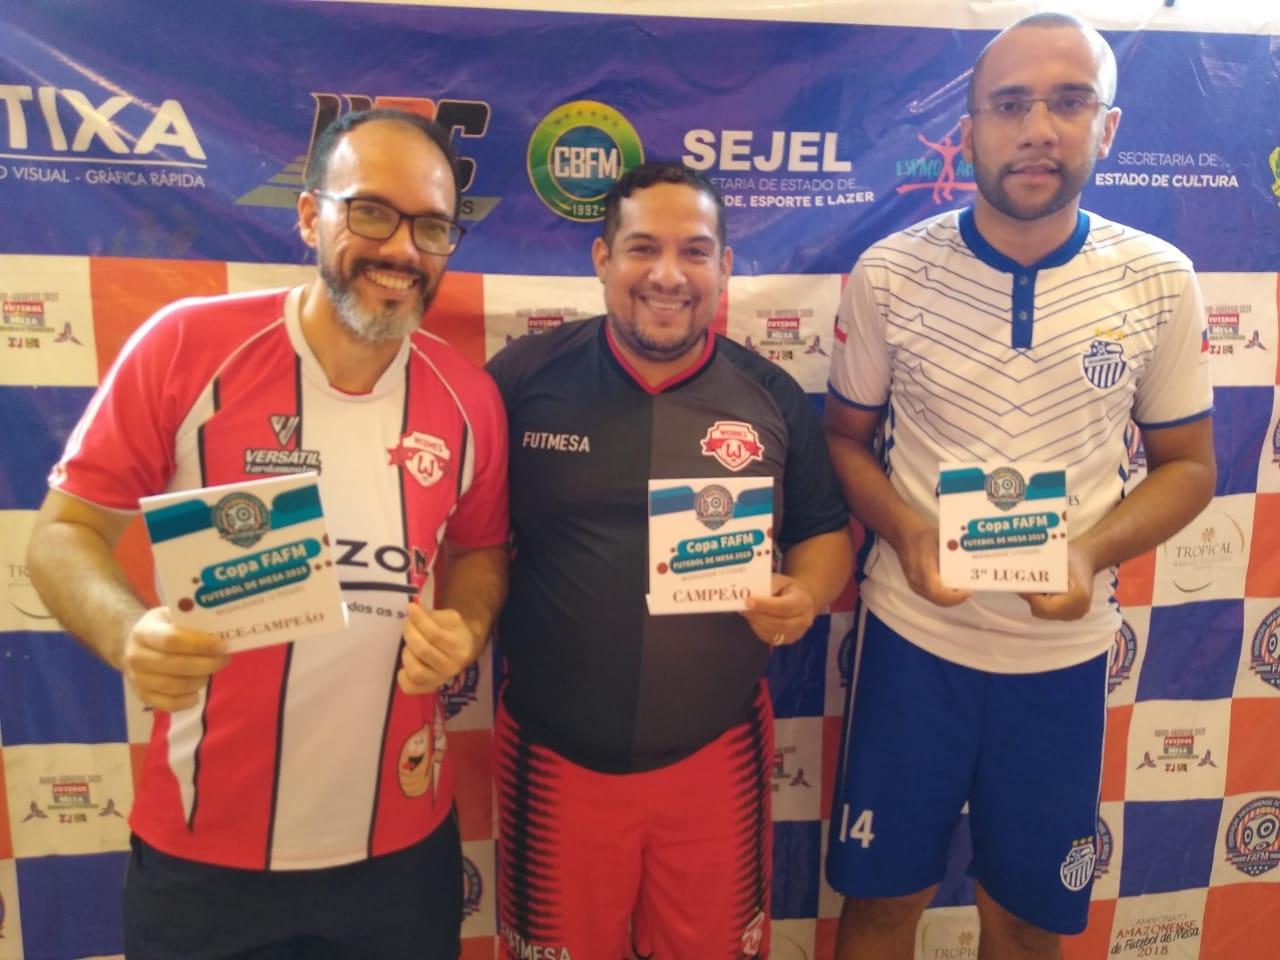 Copa FAFM na modalidade de 12 toques foi realizada no domingo (13/10), no estádio Carlos Zamith / Foto : Divulgação